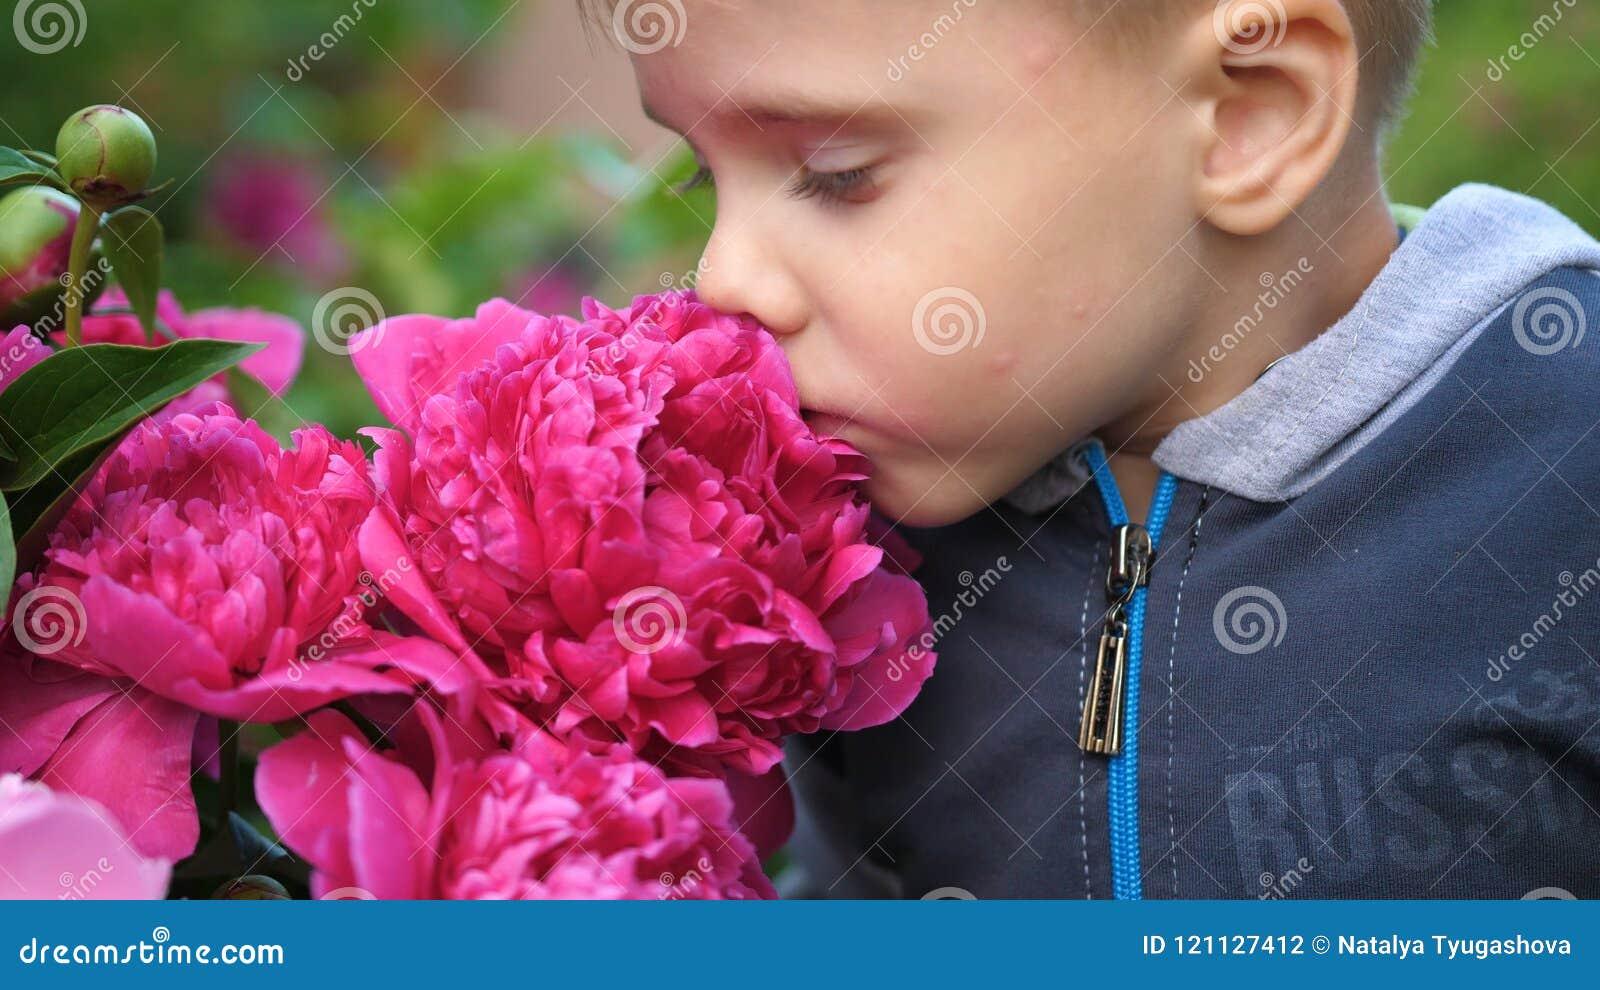 Ein kleines nettes Baby genießt leicht den Geruch von Blumen Das Kind hebt eine Blume auf und inhaliert seinen Duft blühen